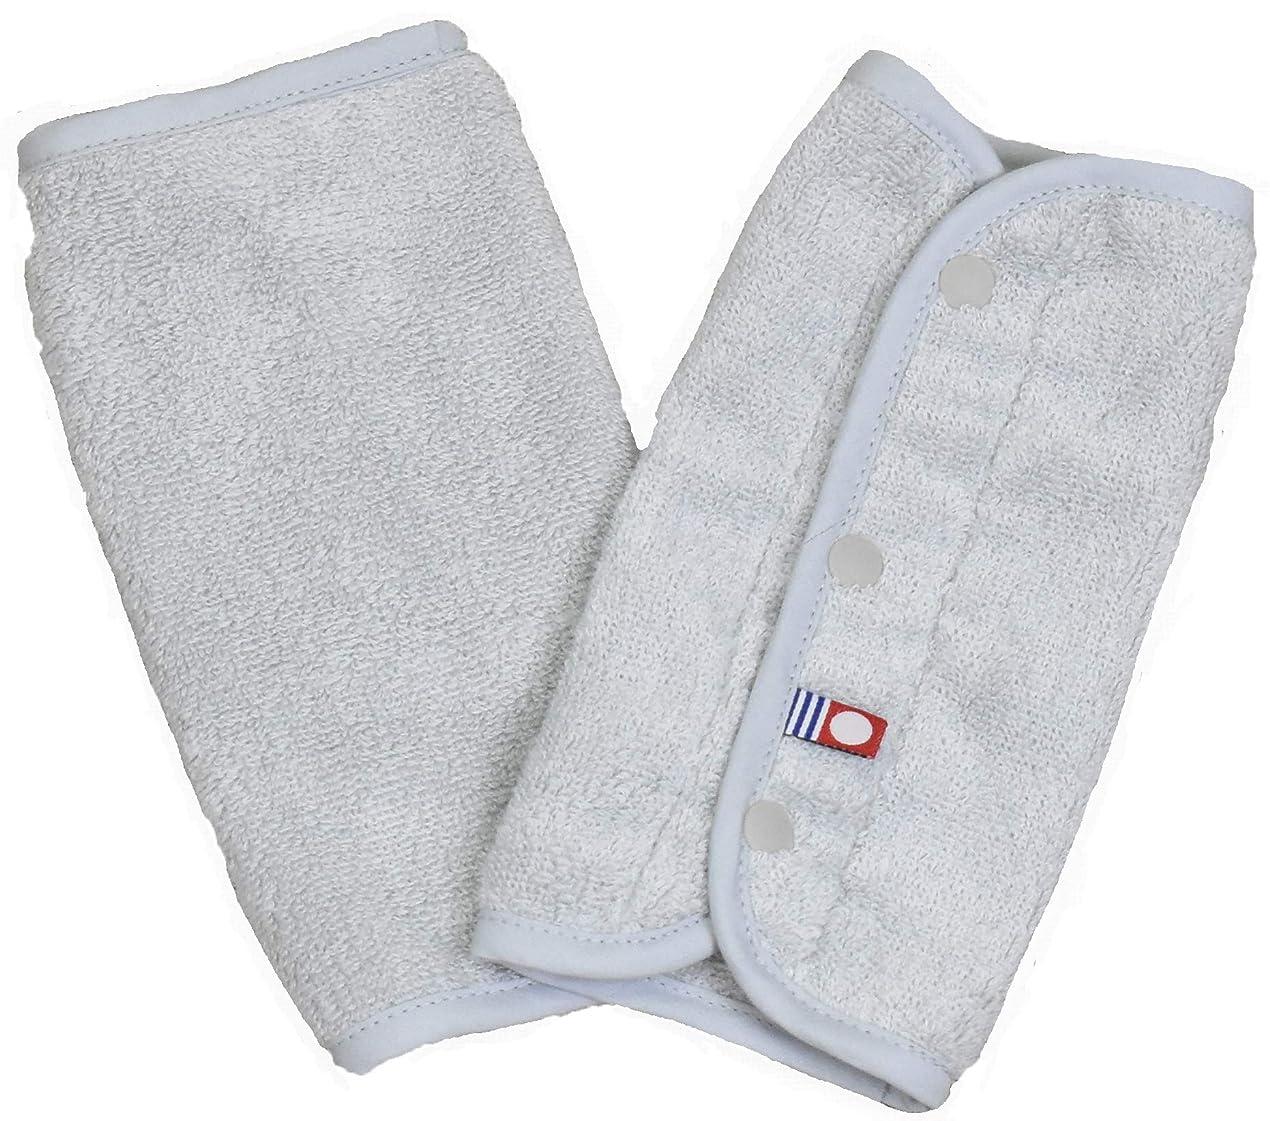 平らな慣らすすばらしいですkerätä 新生児 ベビースリング 成長に合わせて使える6WAY 抱っこひも 日本正規品(国内安全基準適合品) (ボルドー)